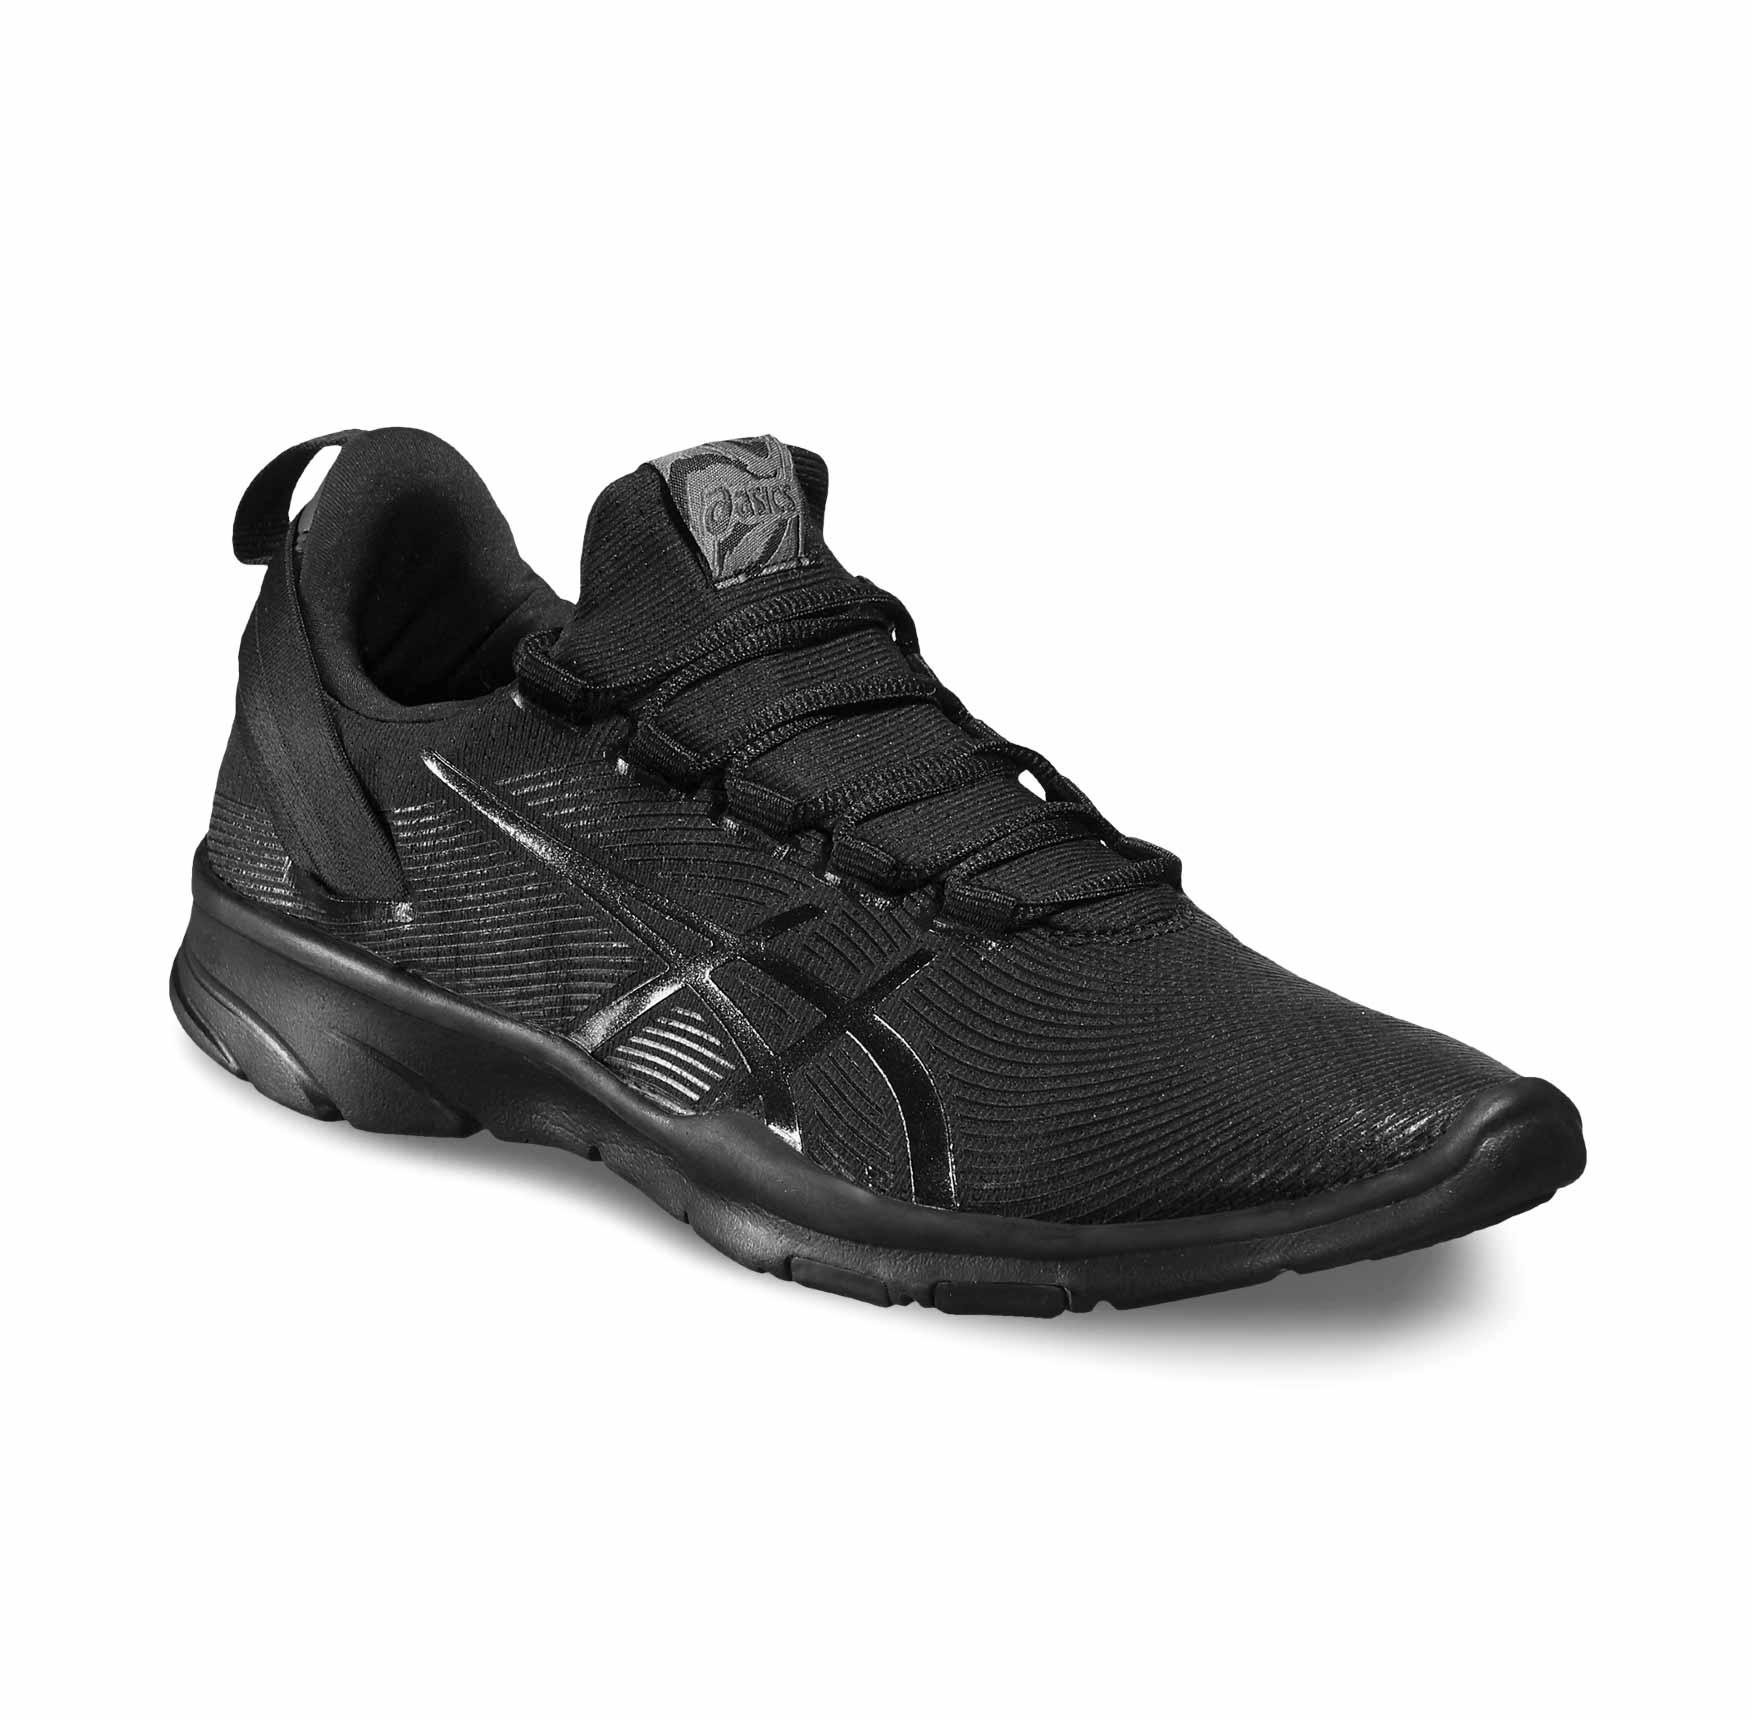 נעלי חדר כושר לנשים - דגם Asics Gel Fit Sana 2